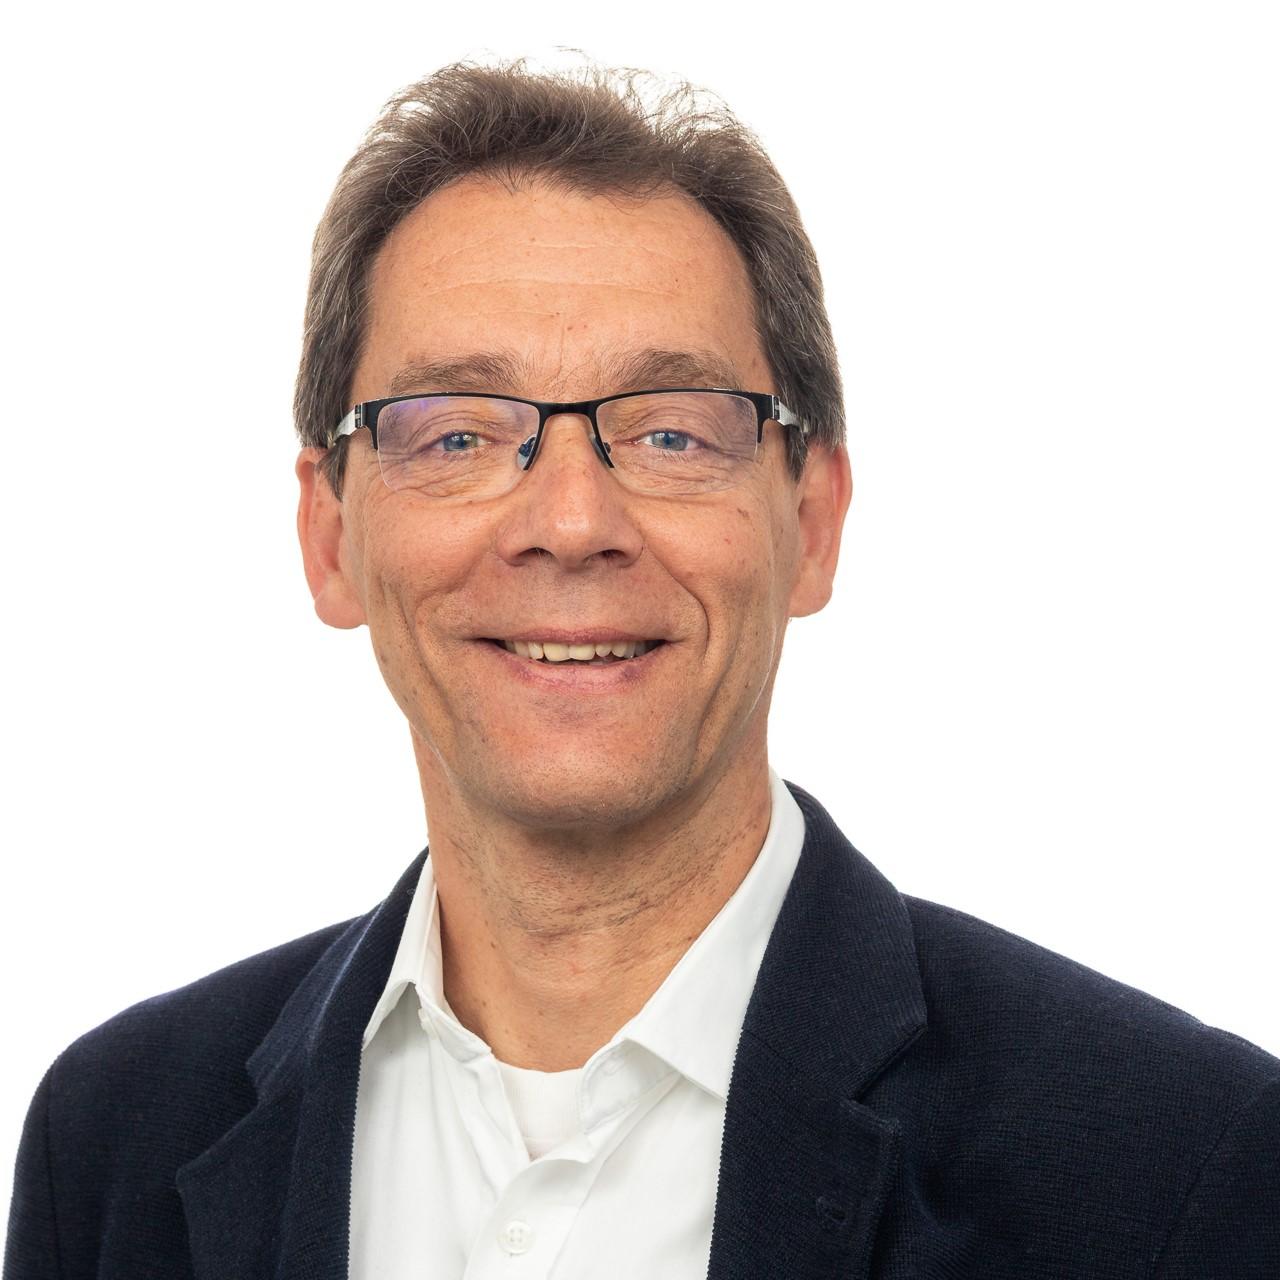 Dr. Max Ungerer, ProSTEP iViP